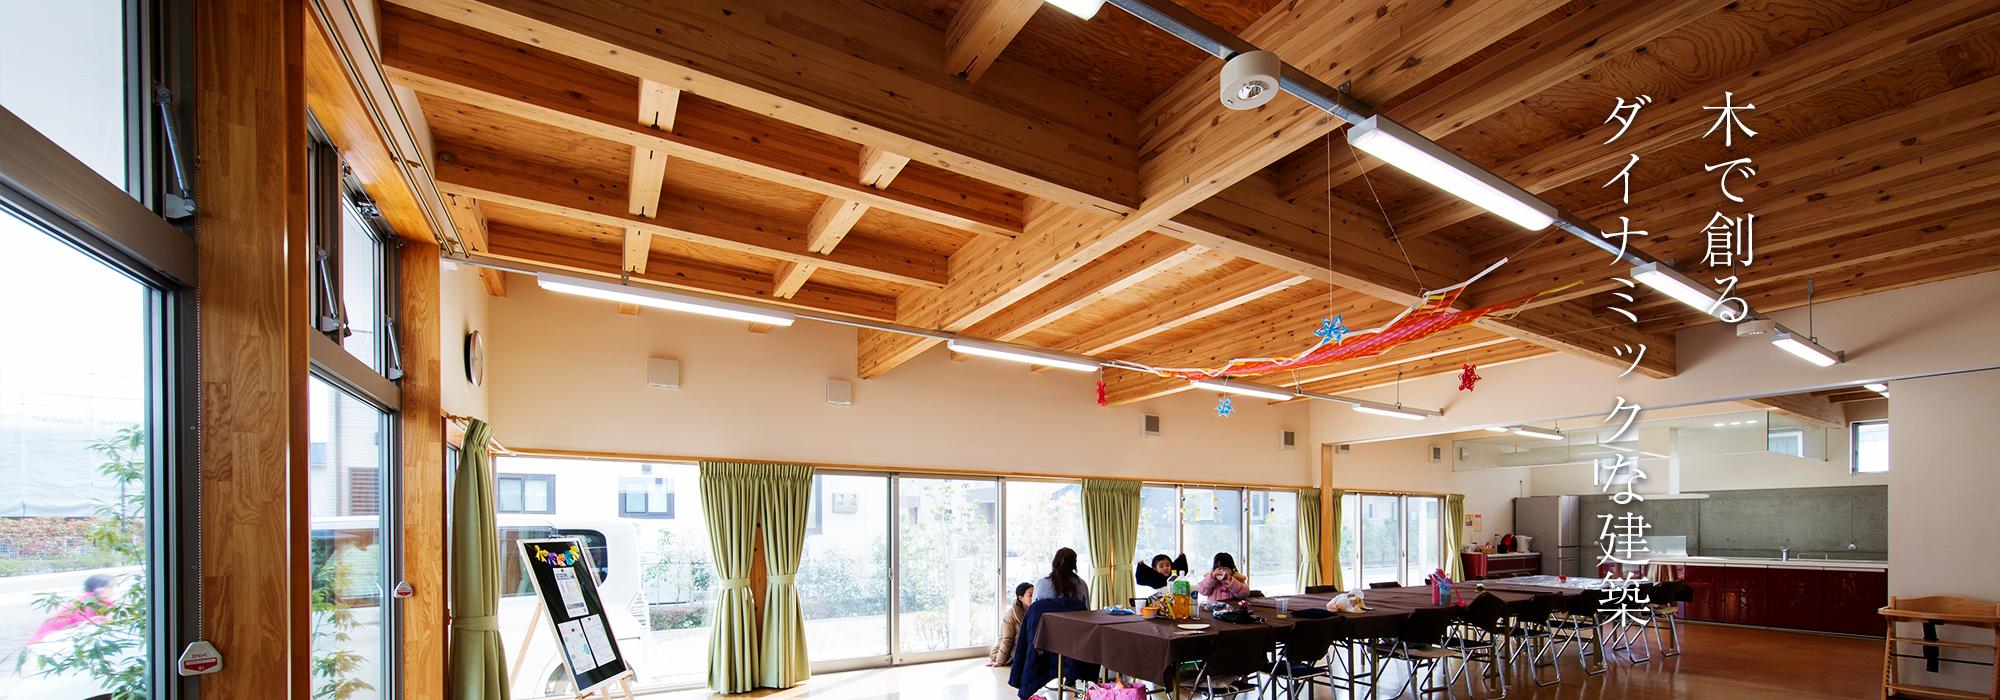 つくばに建つ木造施設建築